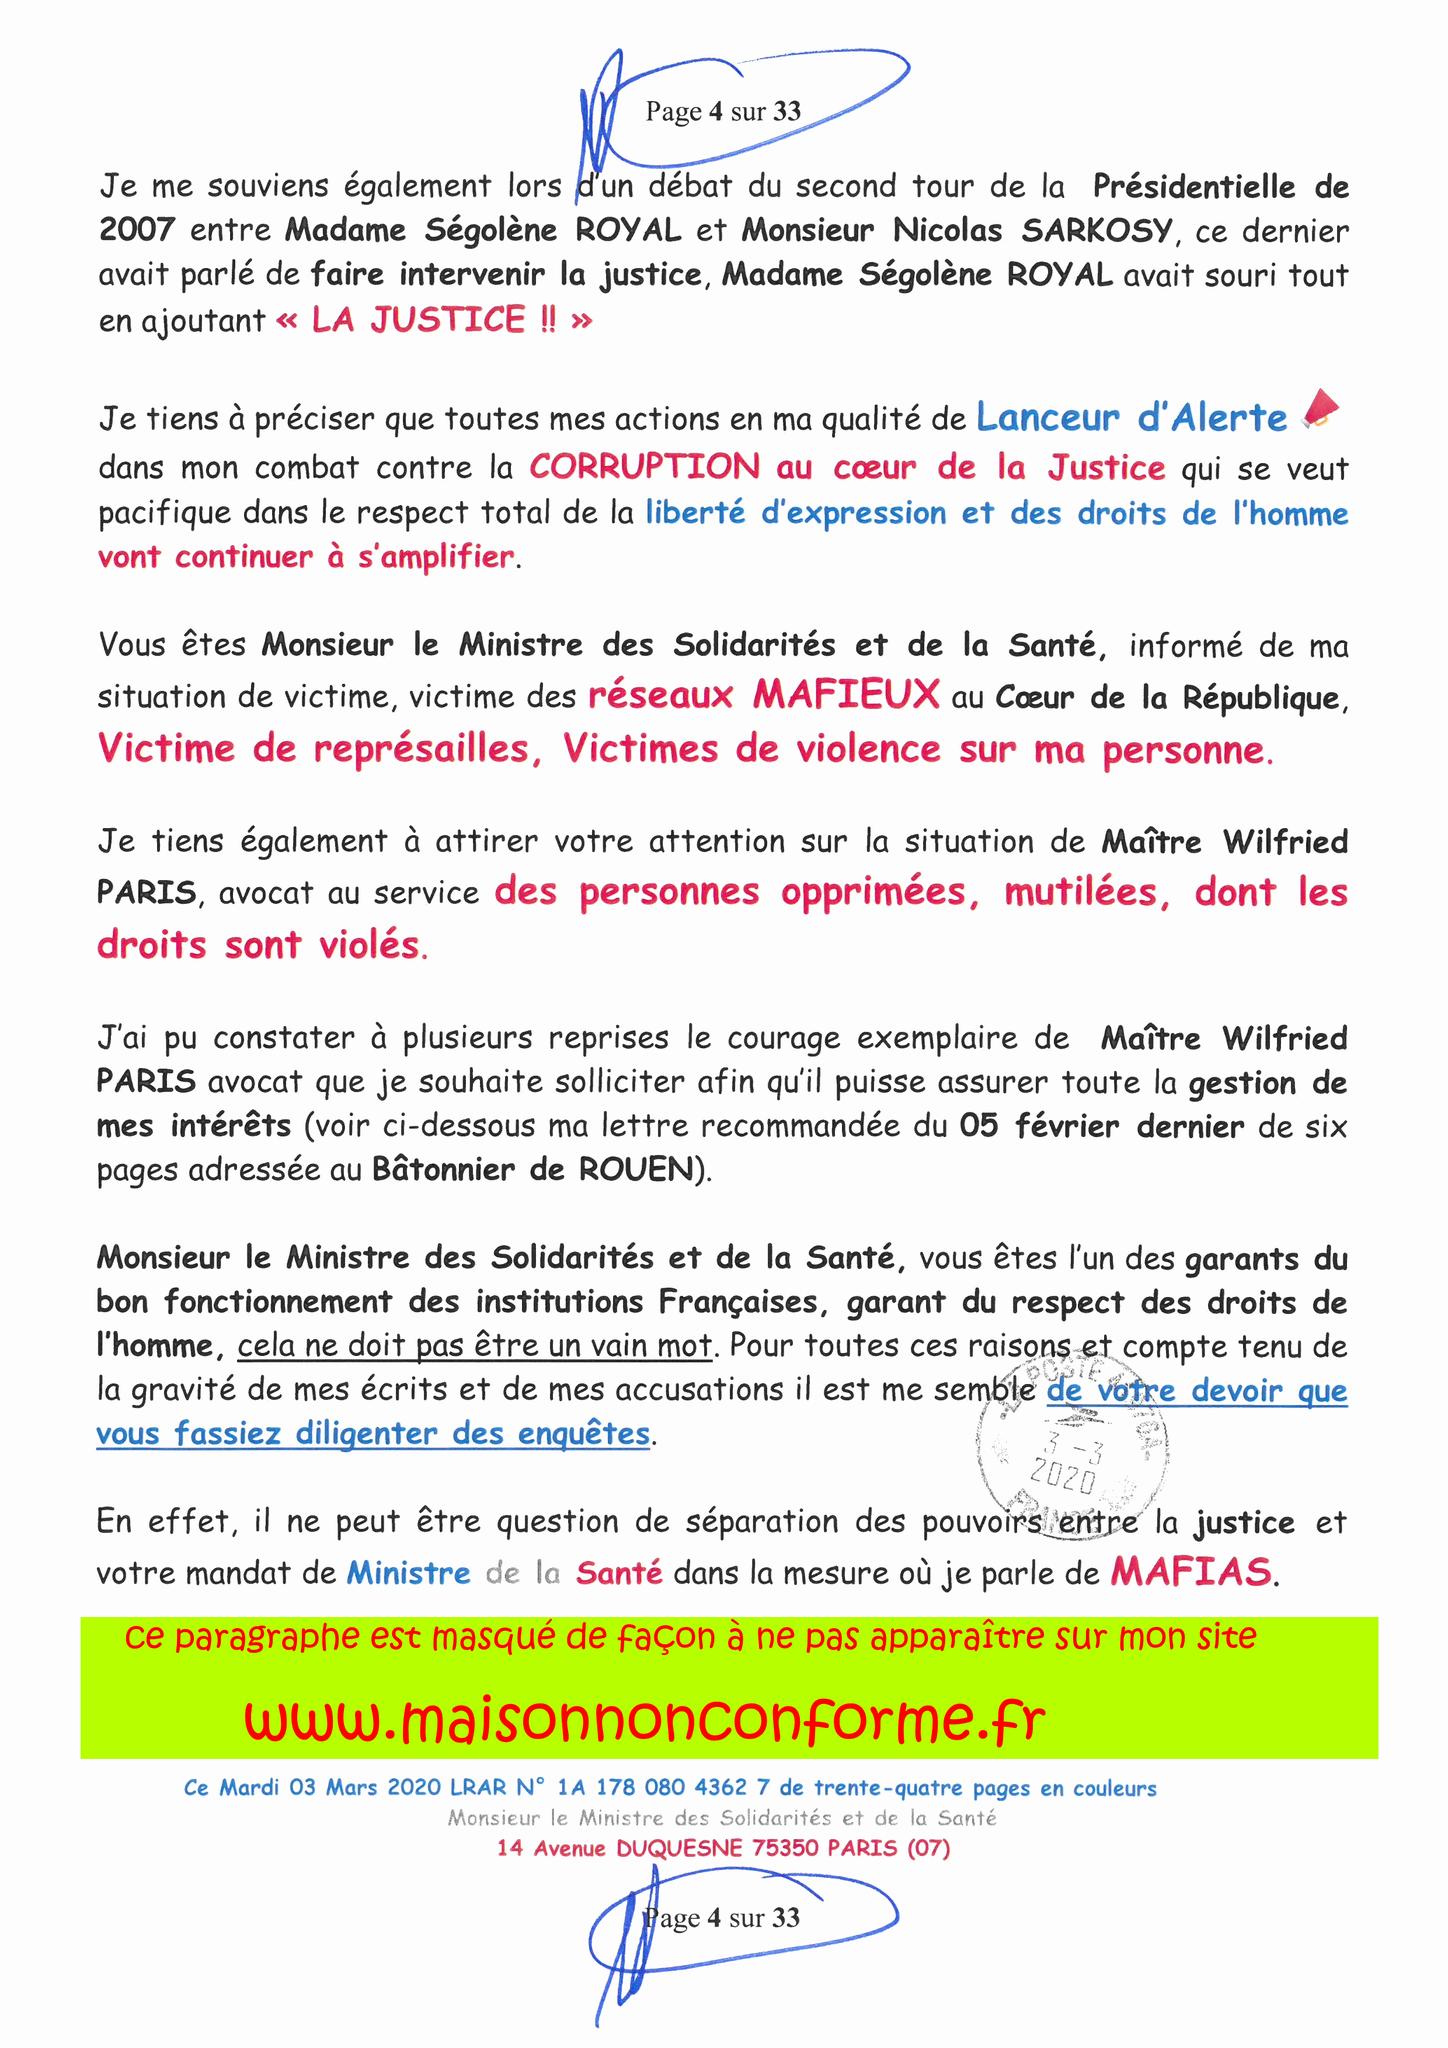 Page 4 sur 33 Ma lettre recommandée N0 1A 178 080 4362 7 du 03 Mars 2020 à Monsieur Olivier VERAN le Ministre de la Santé et des Solidarités www.jesuispatrick.fr